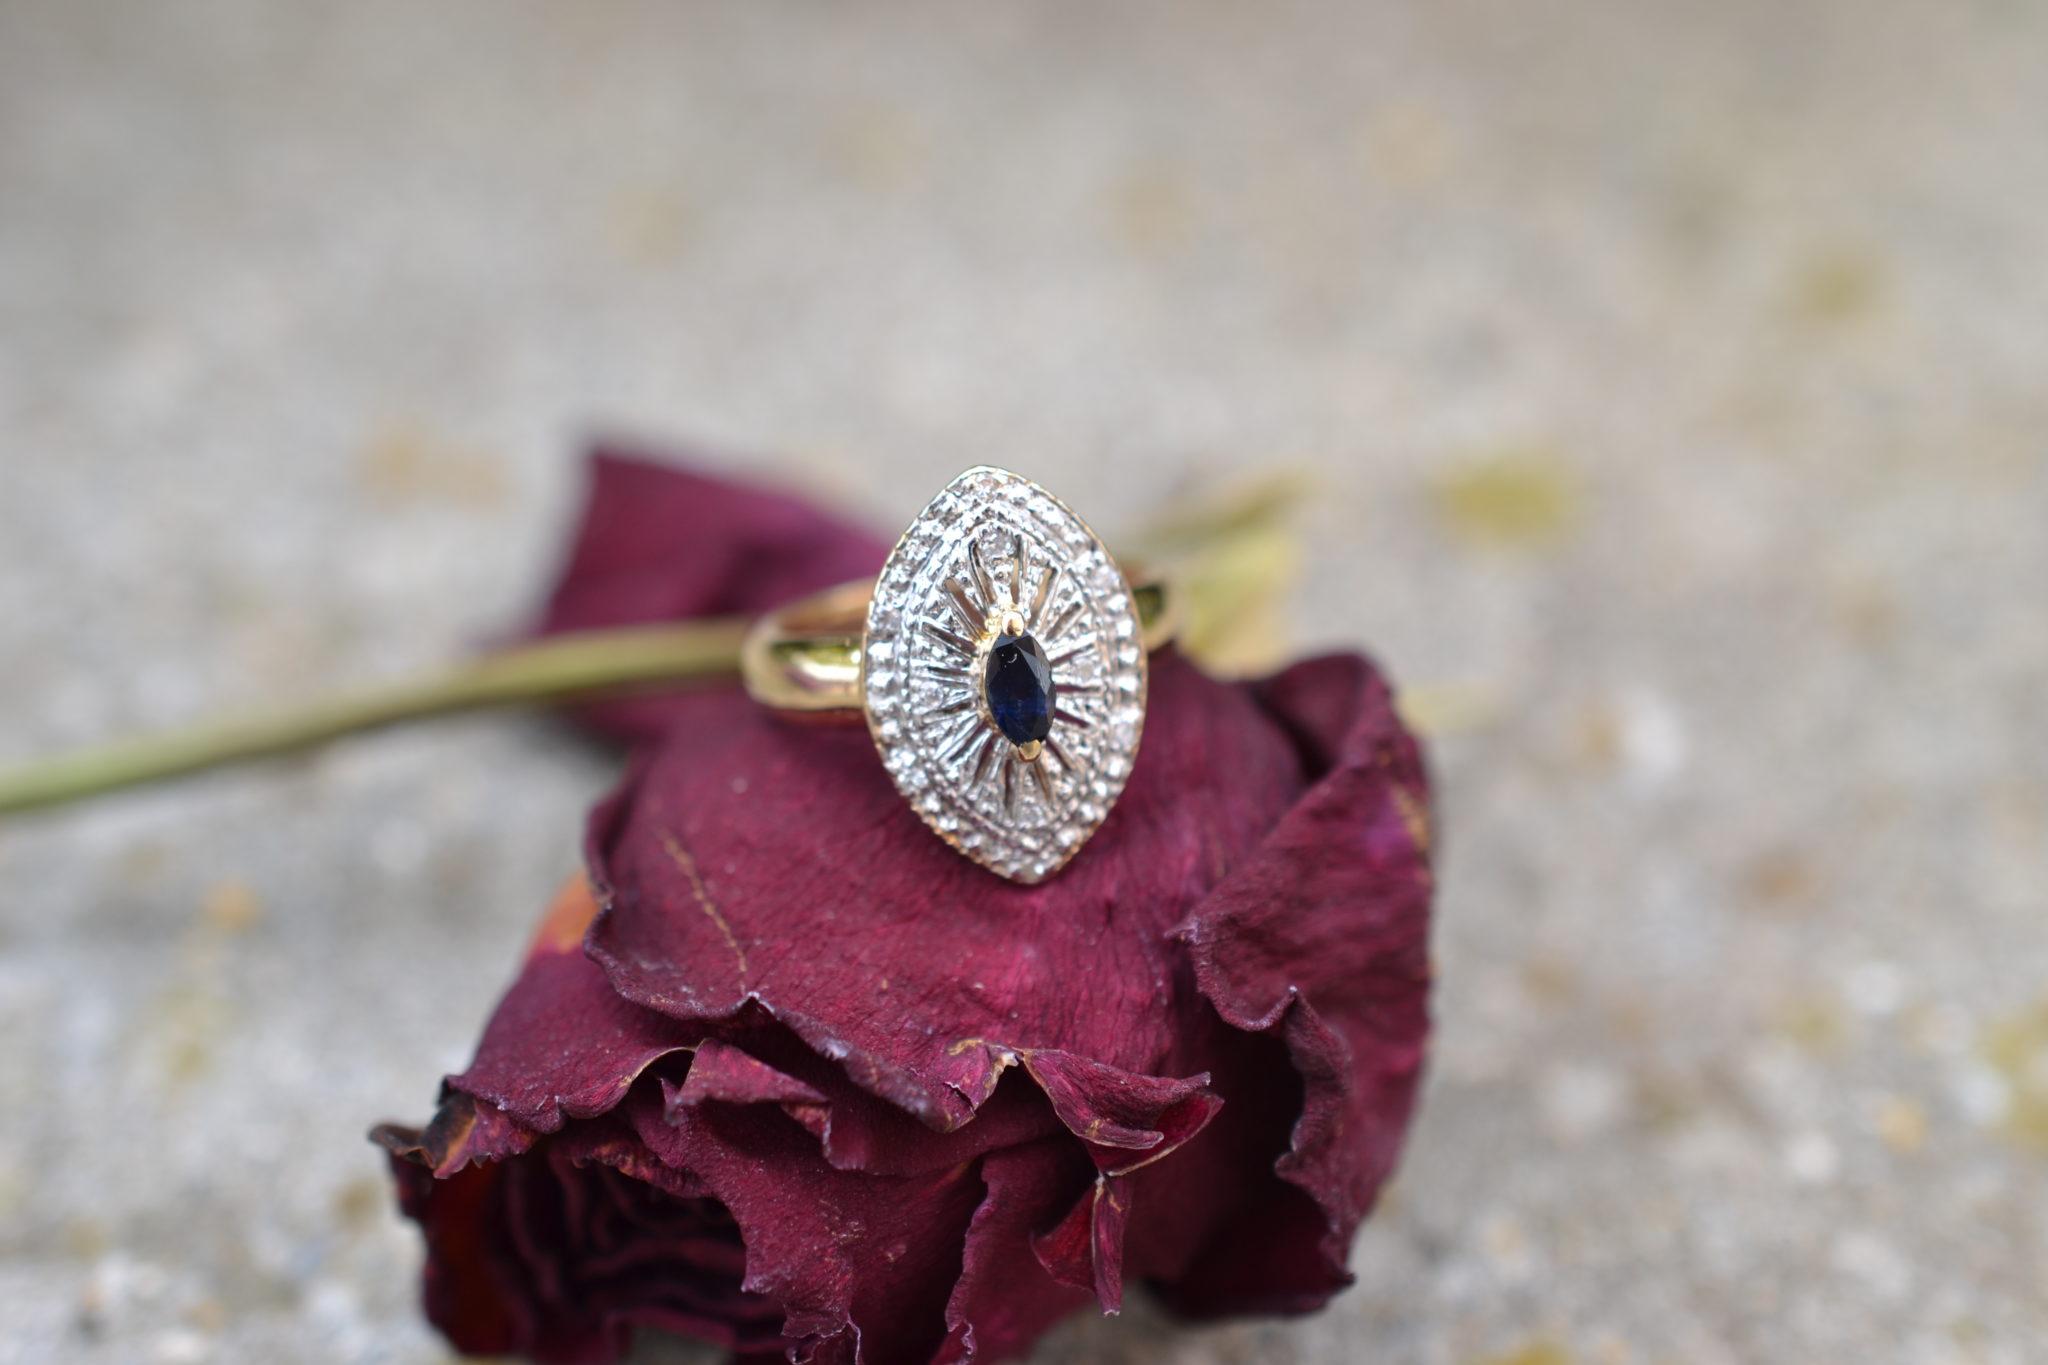 Bague en forme de navette ornée d'un Saphir central et de diamants bague rétro